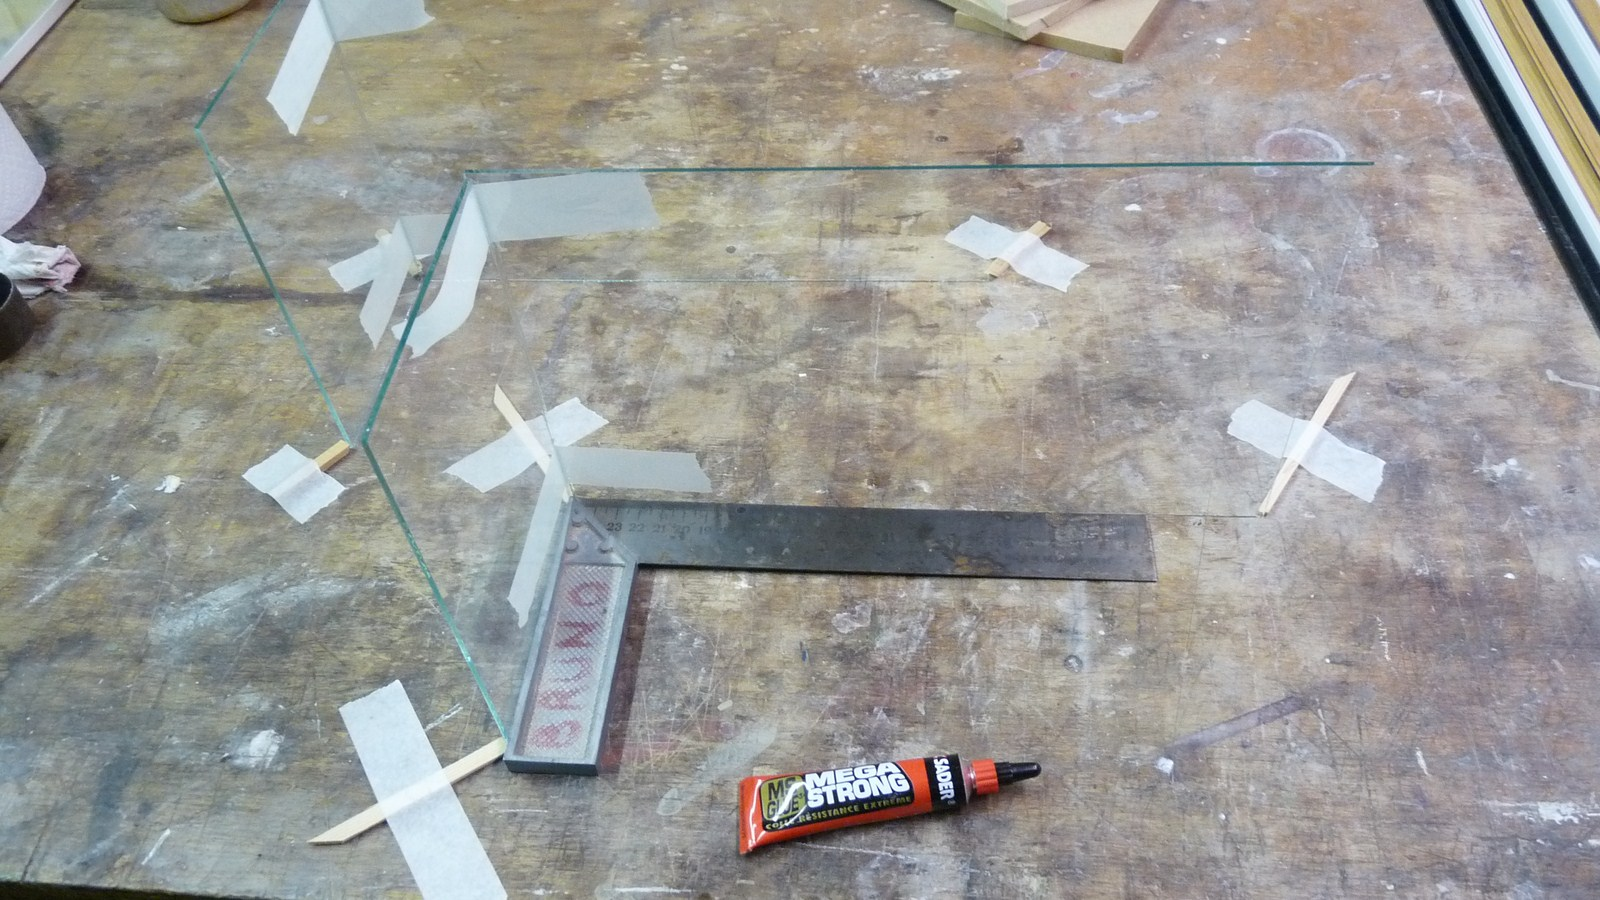 fabriquer une vitrine - Fabriquer ses propres vitrines en verre 17071907263523134915156546